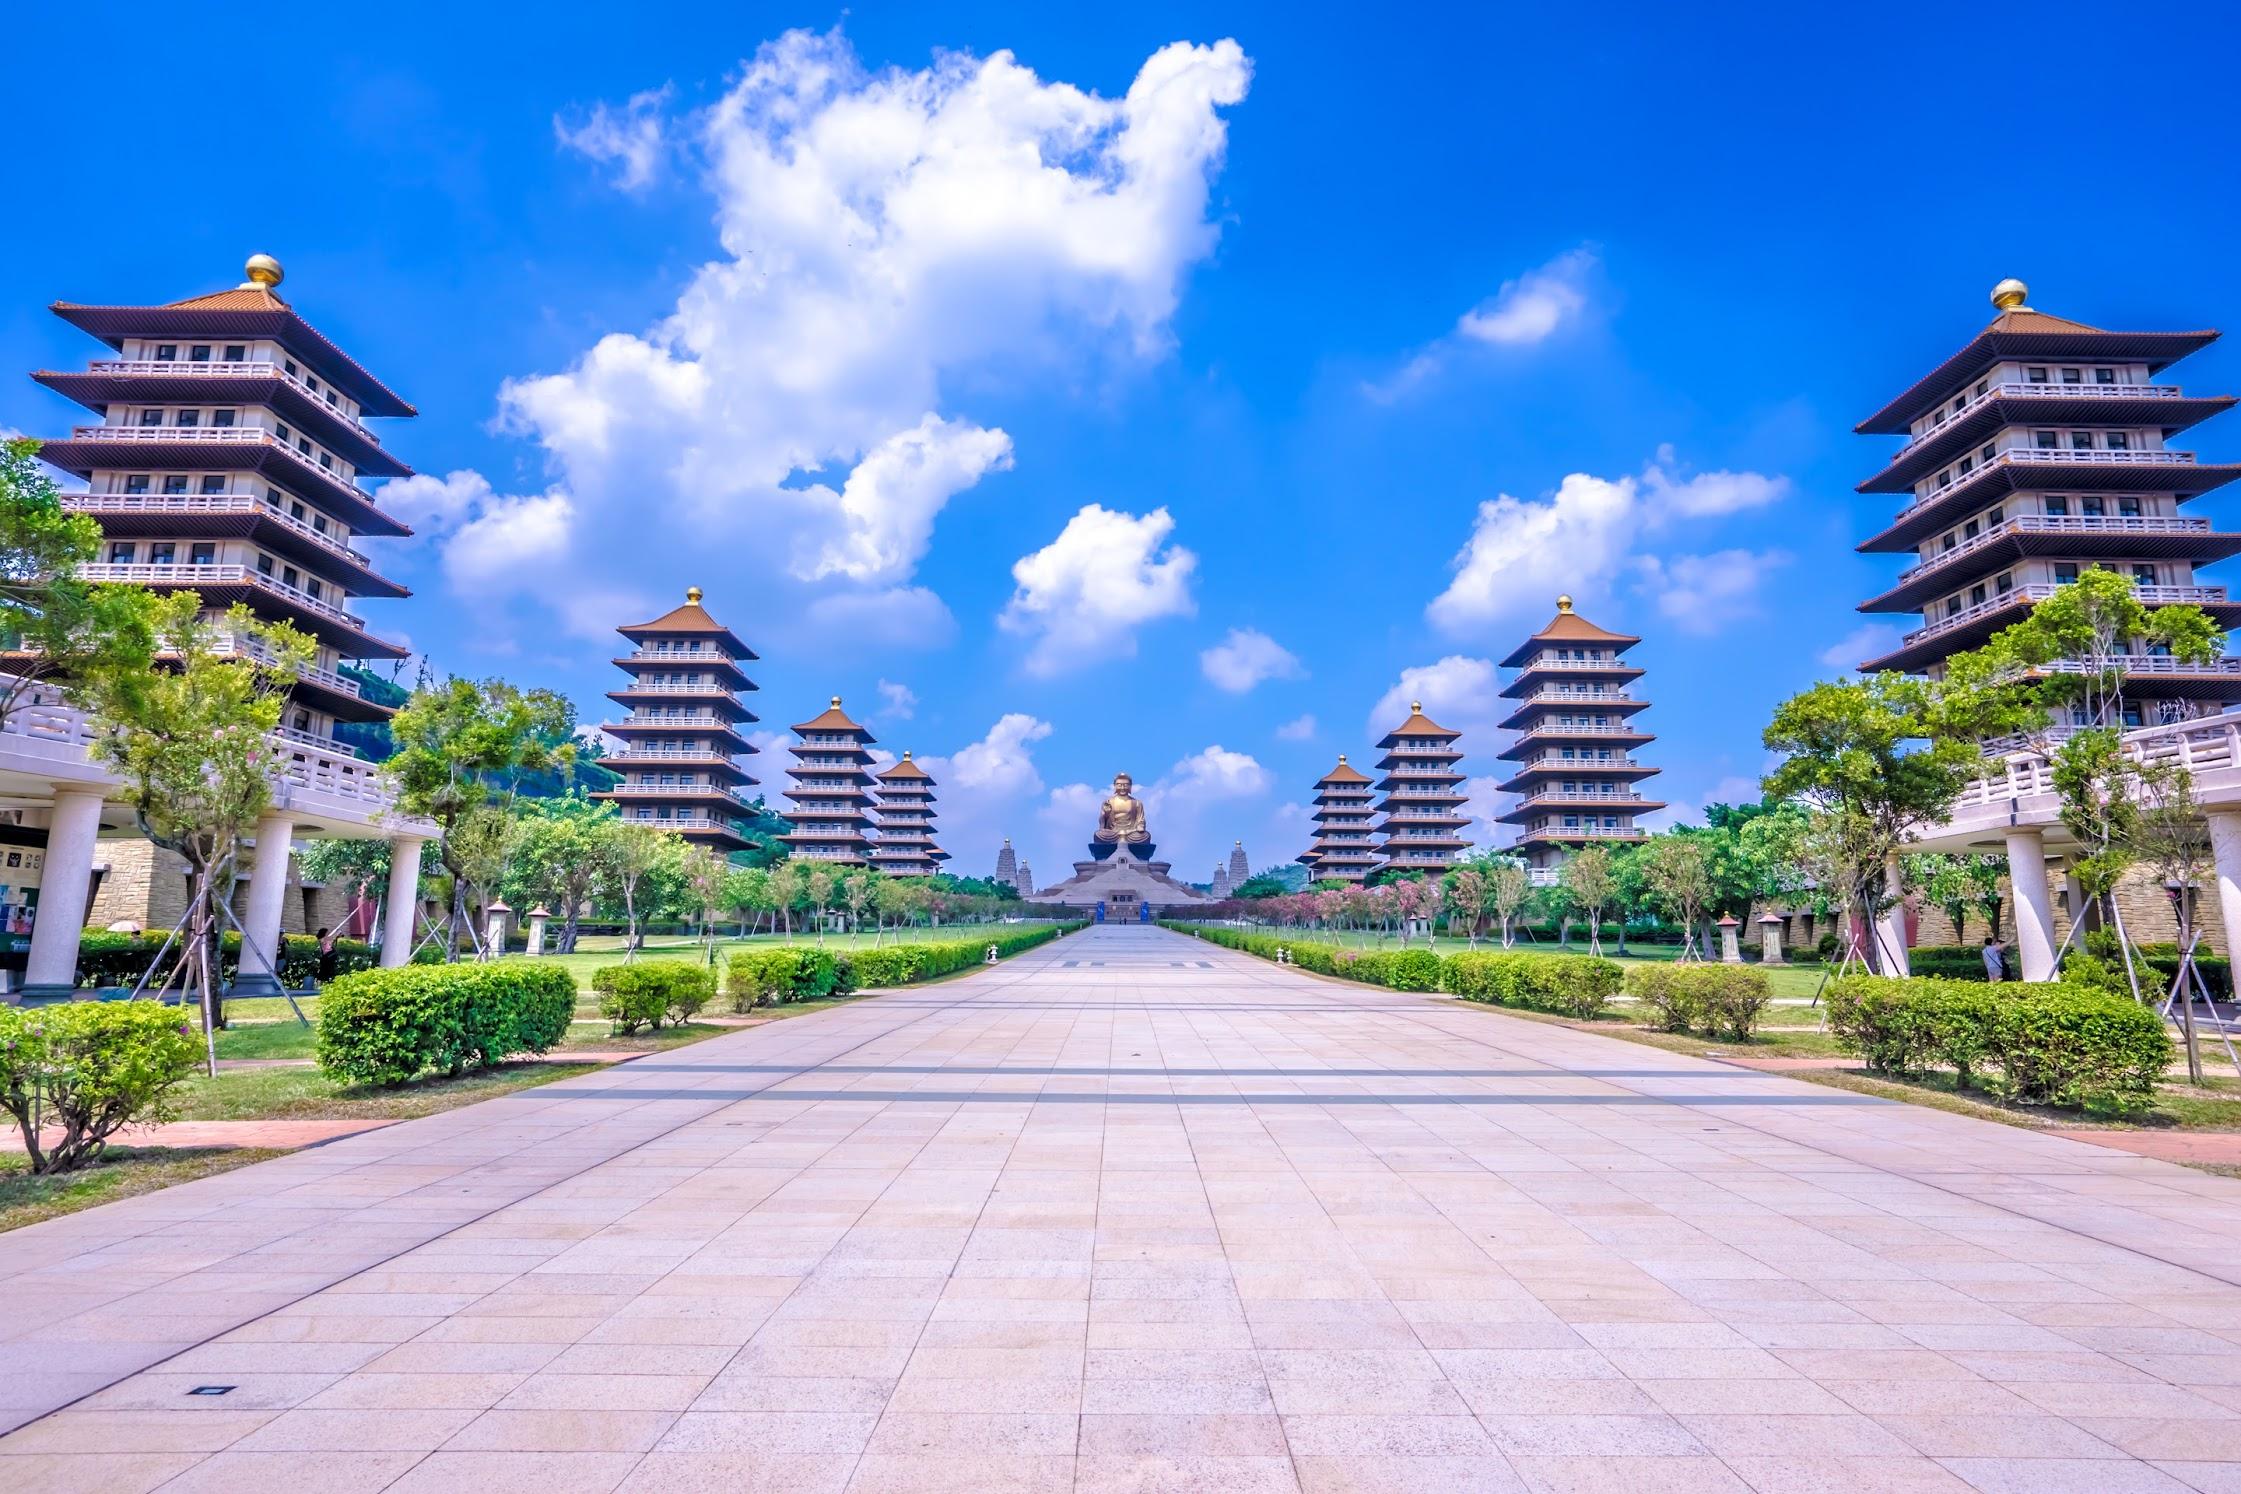 台湾 高雄 佛光山佛陀紀念館8